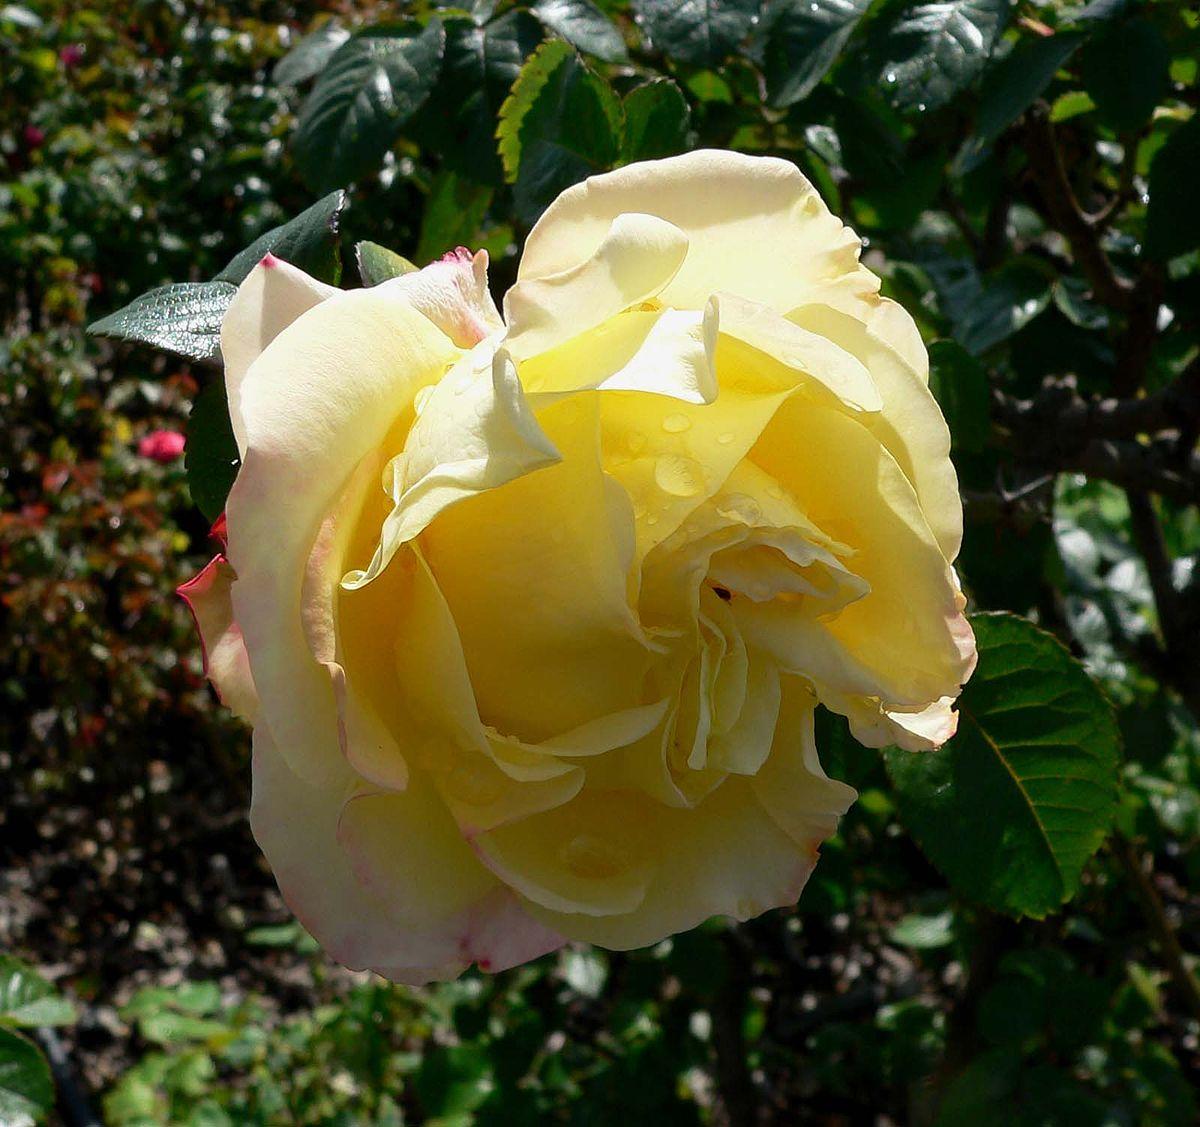 garden roses wikipedia - Garden Rose